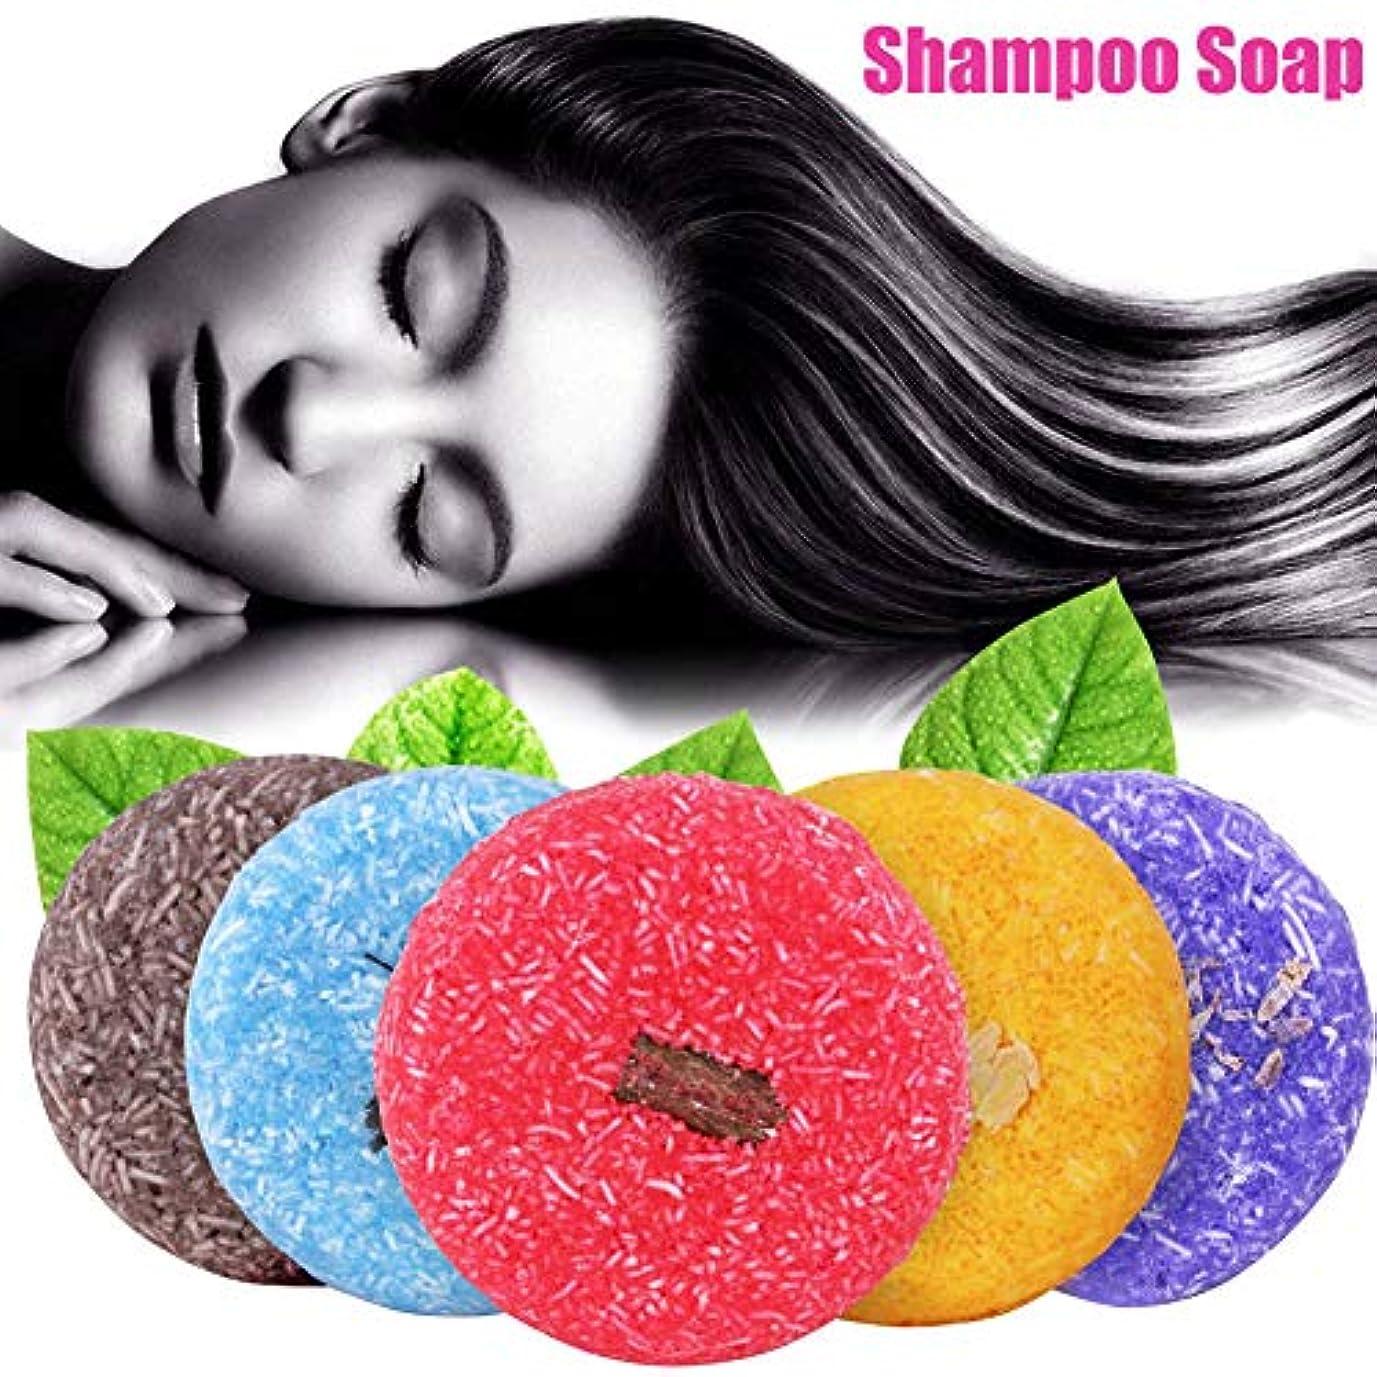 石鹸 - Delaman 洗髪石鹸、シャンプー、頭皮ケア、ビューティ、クリームバー、センシティブマイルド、14種類、男女兼用 (Color : #4ジャスミン(JASMINE))